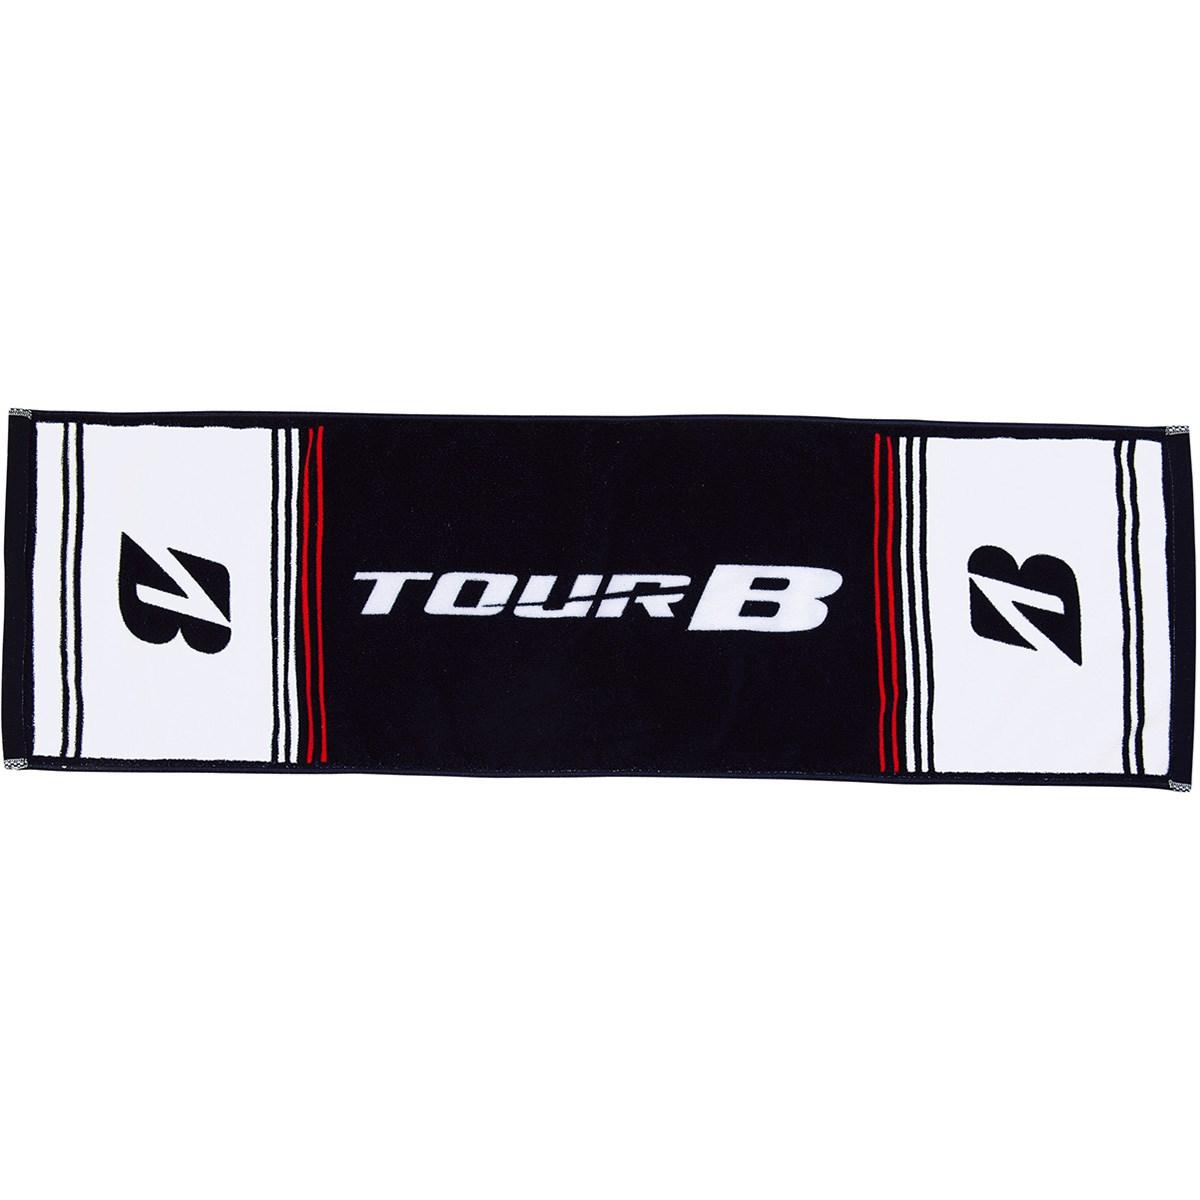 ブリヂストン TOUR B スポーツタオル ホワイト/ブラック